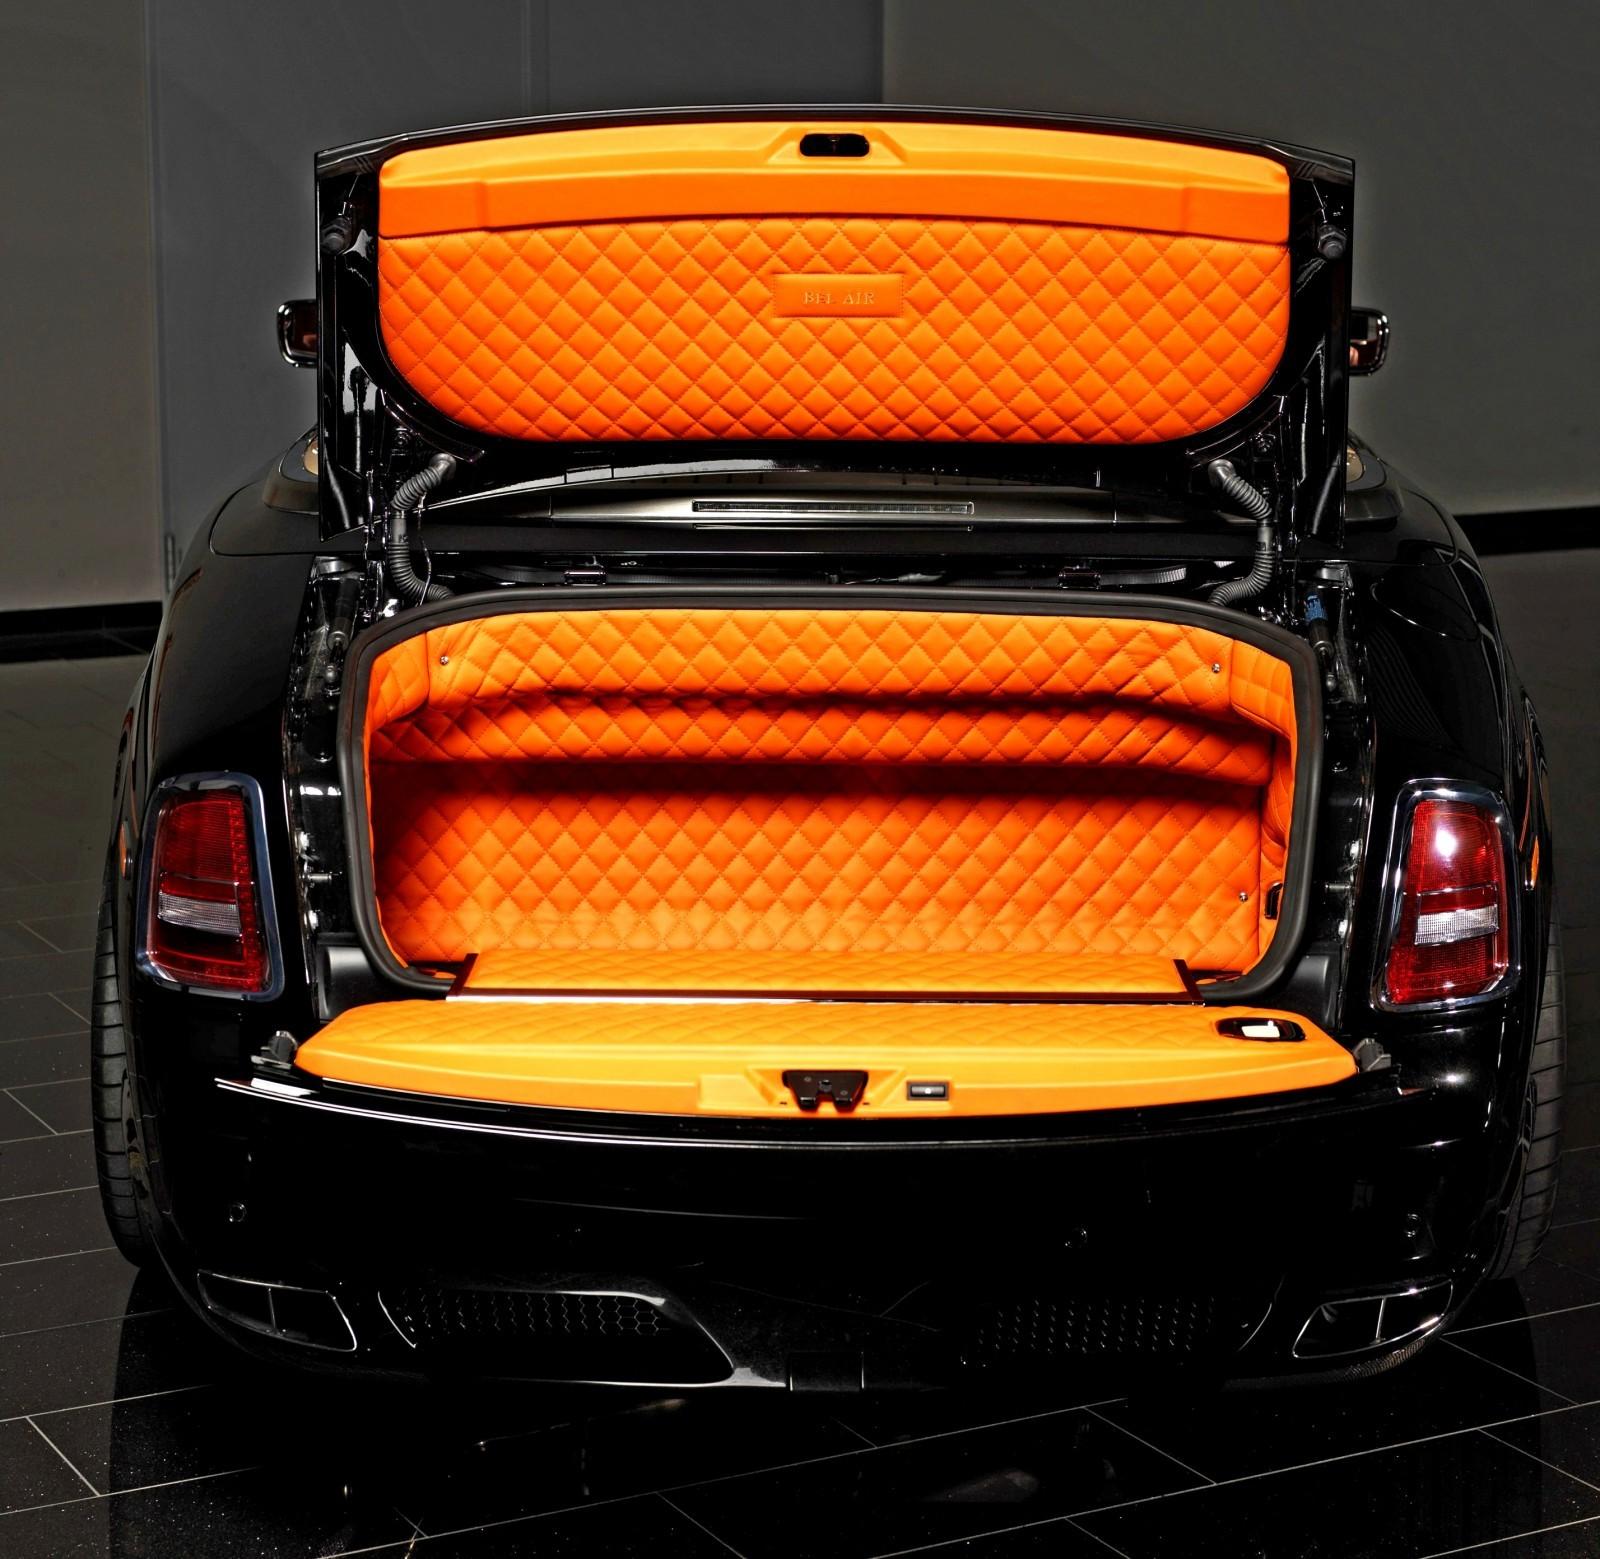 Автомобиль был разработан в 2005 году вместе с производителем шин fulda для использования высокоскоростных шин и